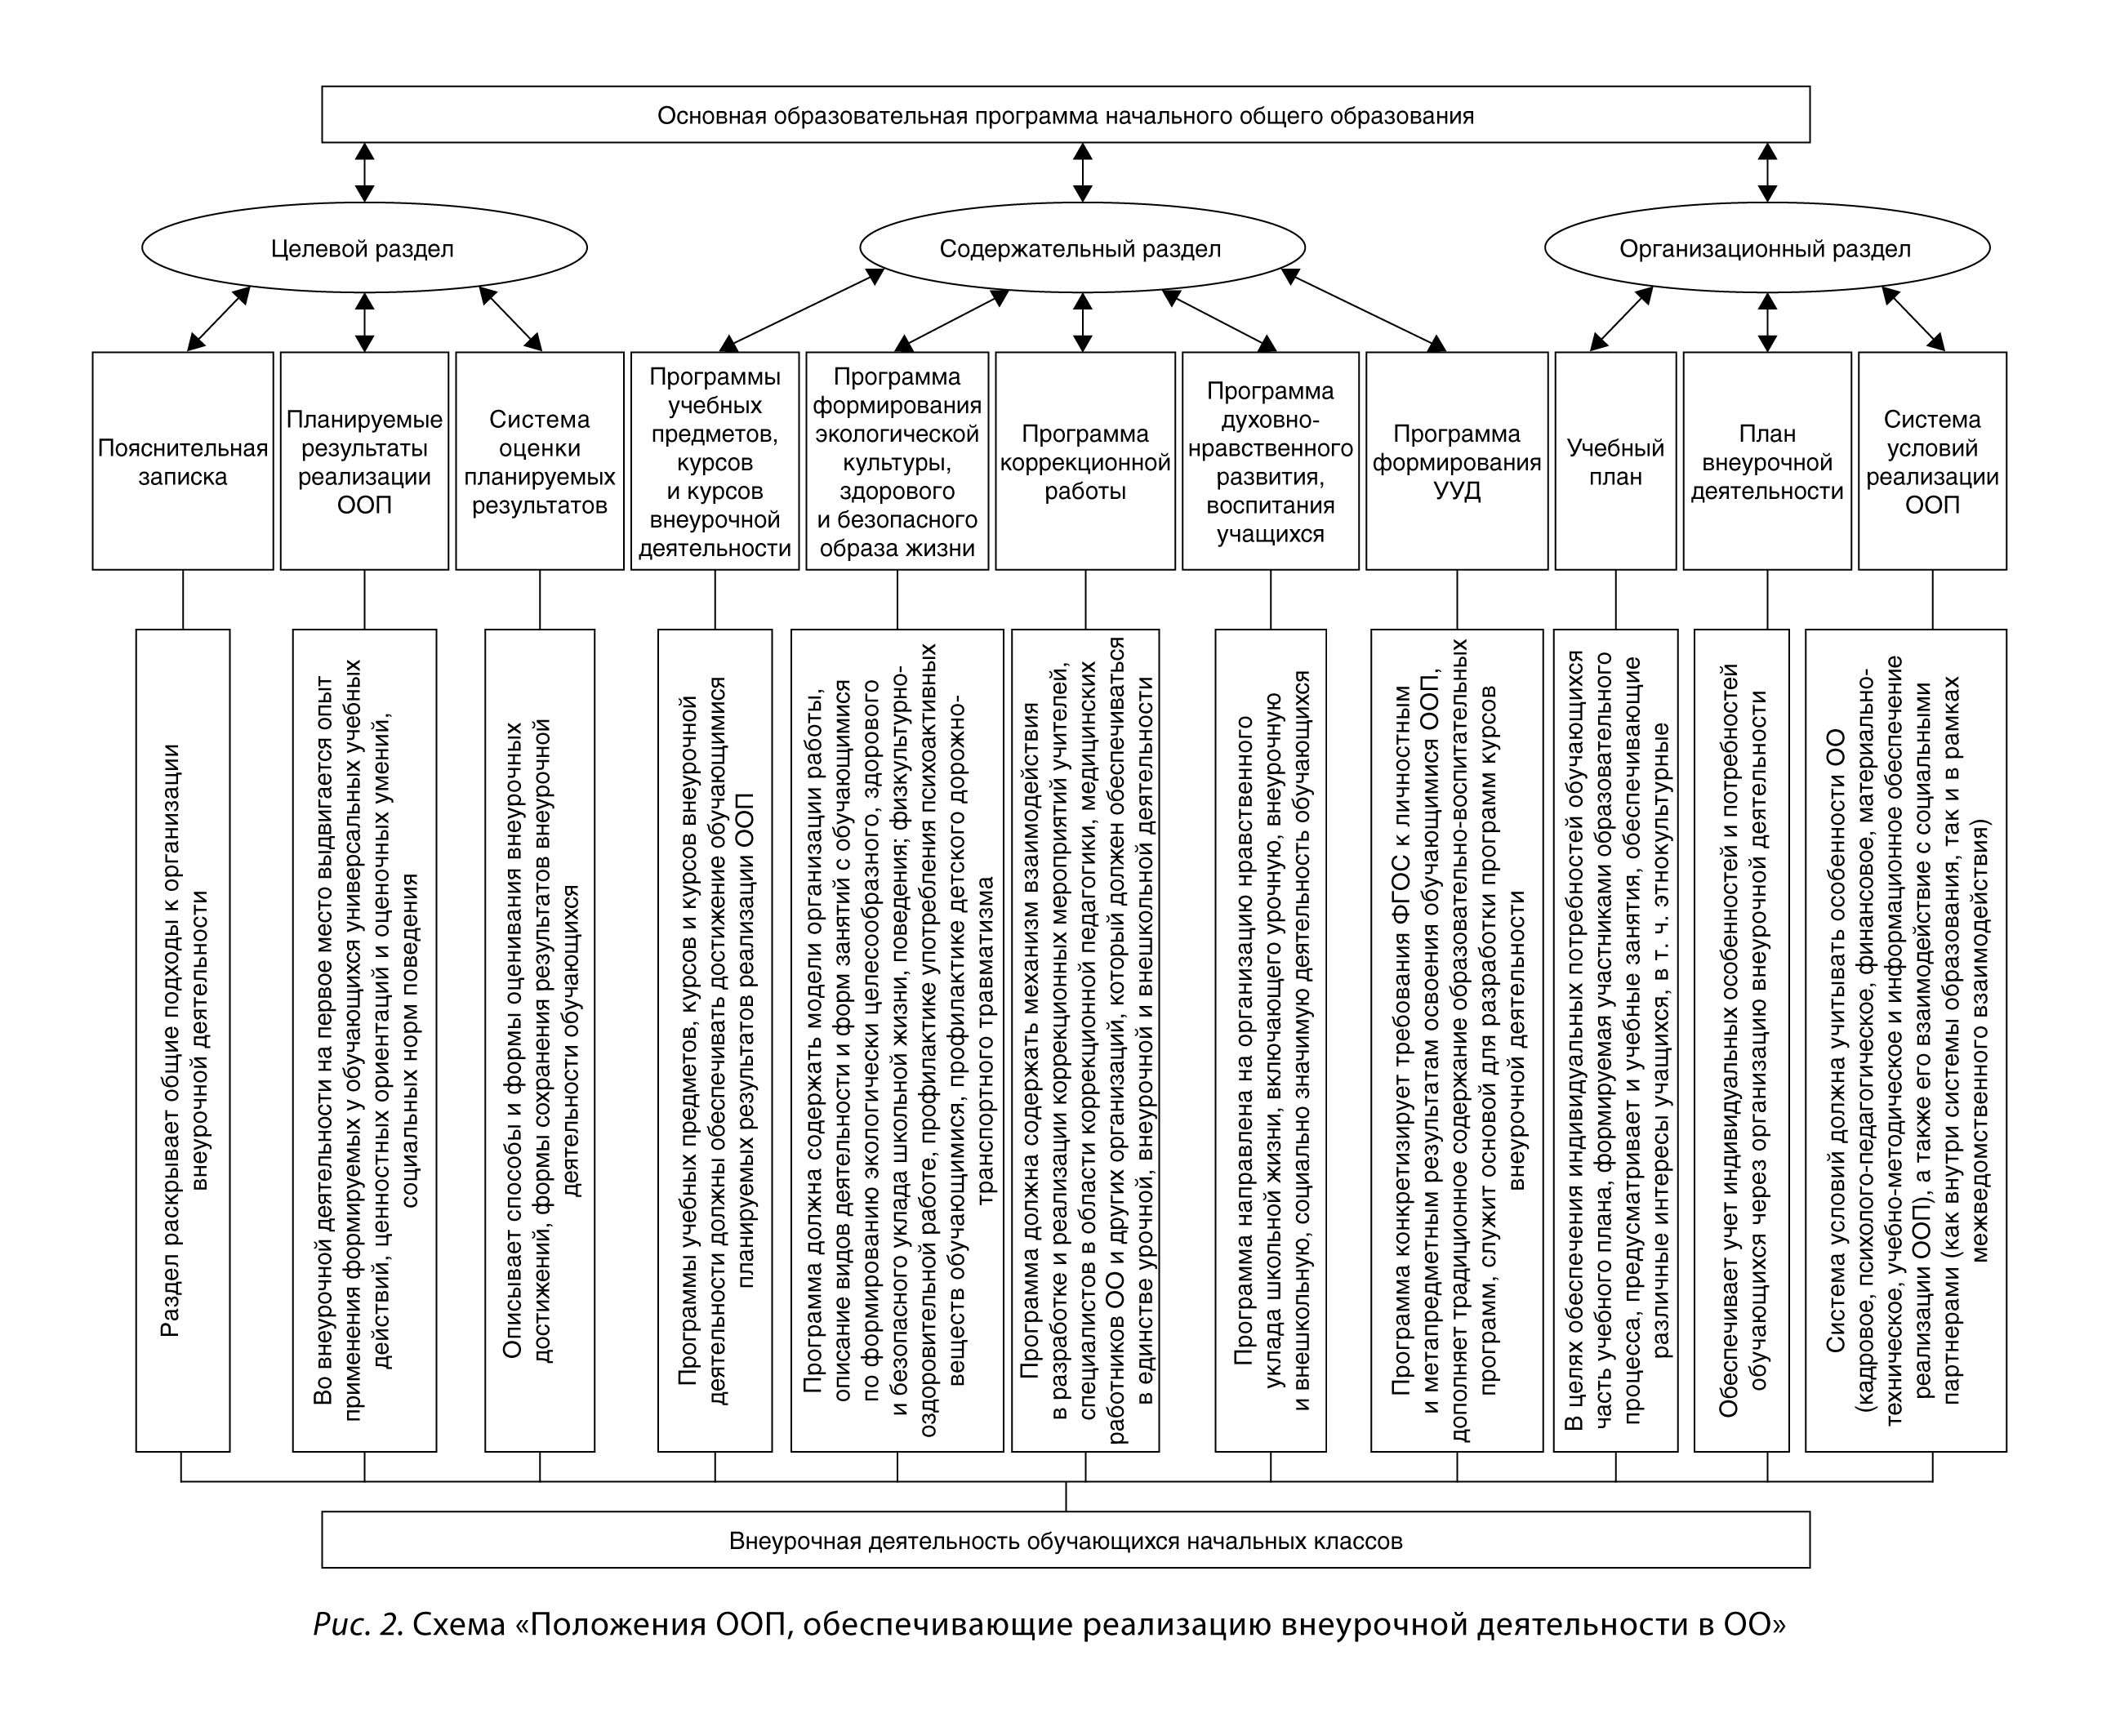 Анализ внеурочного занятия по фгос в начальной школе образец